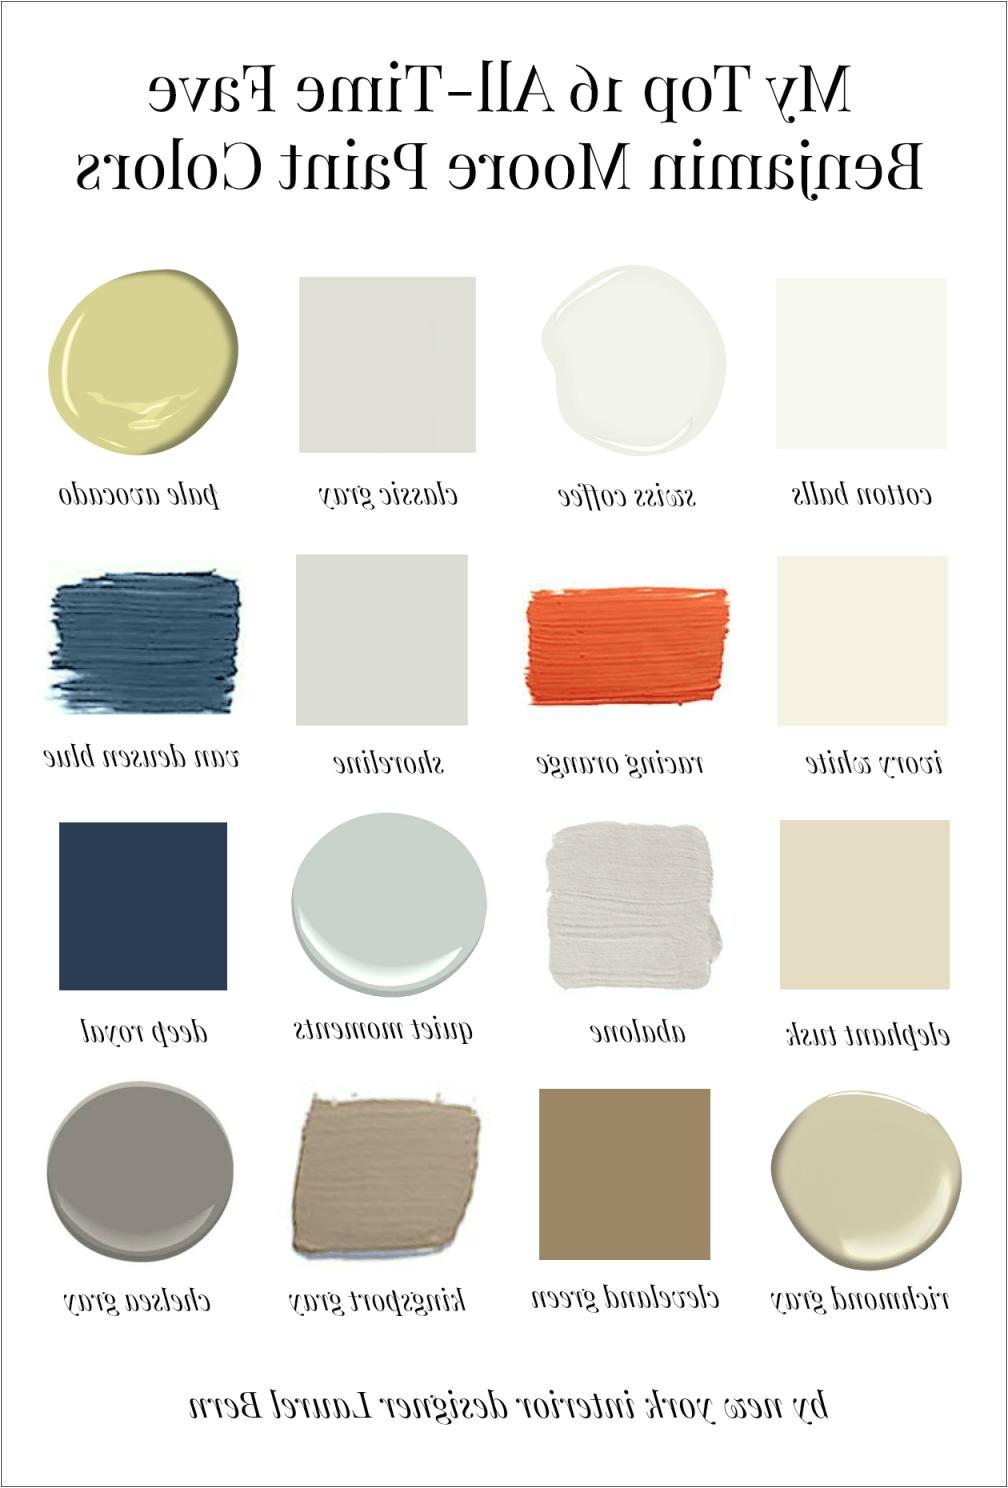 wall color is elephant tusk benjamin moore from benjamin moore elephant tusk source pinterest com 0dc229afa5aad fdb3d8f c7